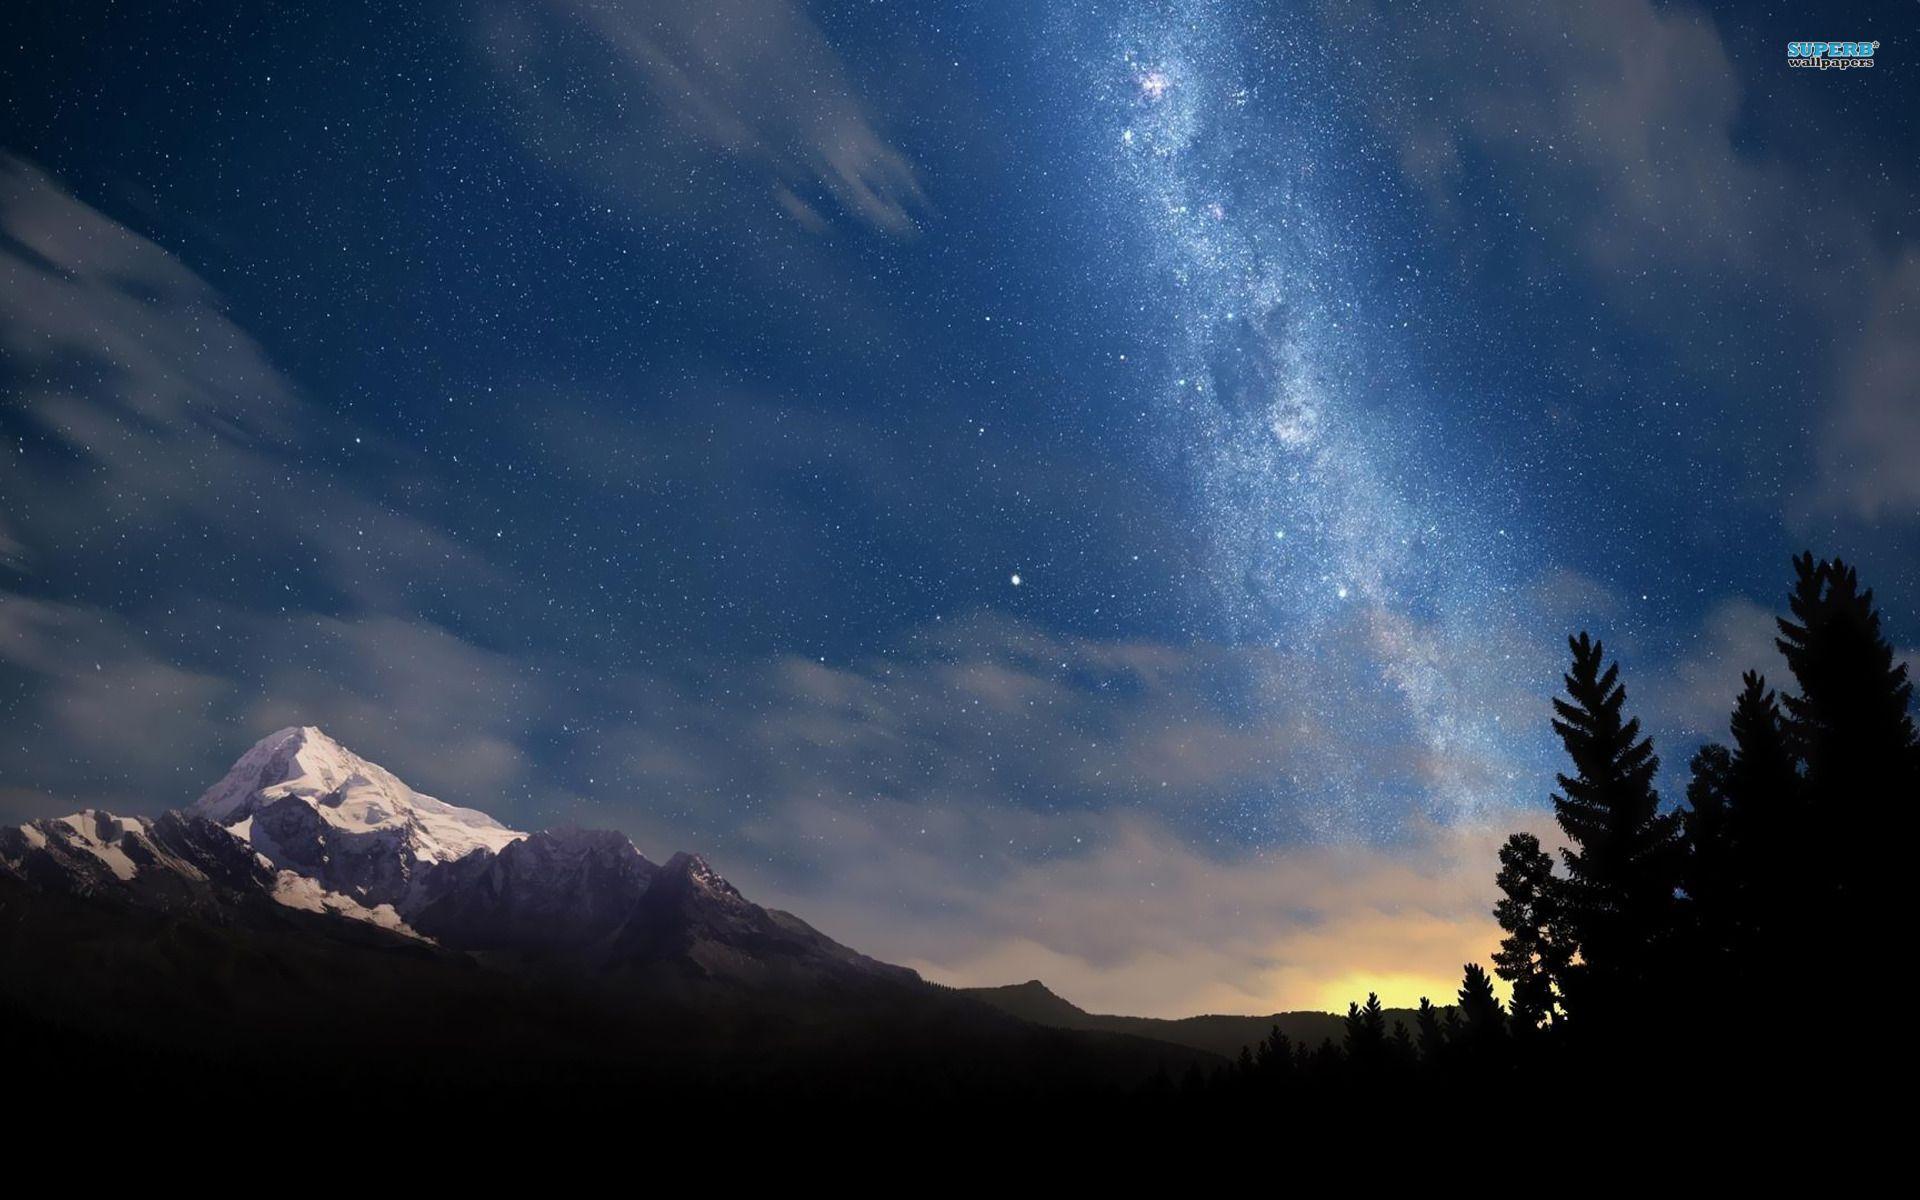 Starry Night Sky Wallpaper Night Sky Wallpaper Anime Scenery Wallpaper Starry Night Sky Wallpaper